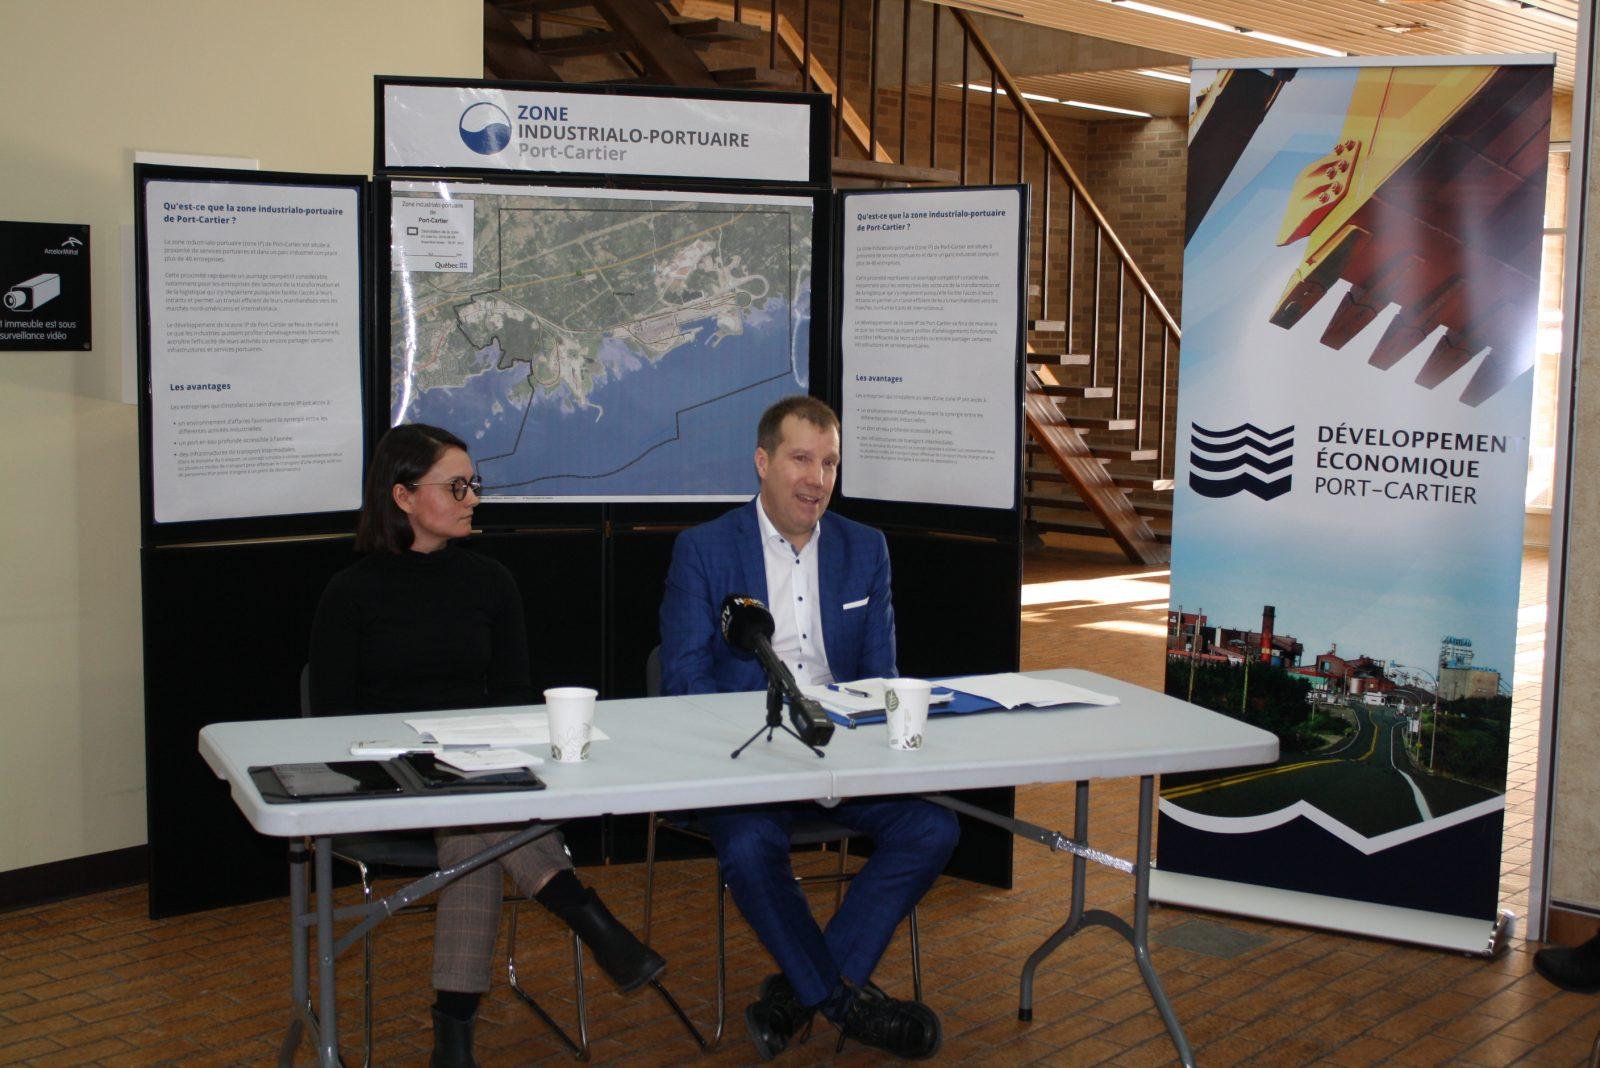 Une consultation citoyenne amorcée pour la zone industrialo-portuaire de Port-Cartier